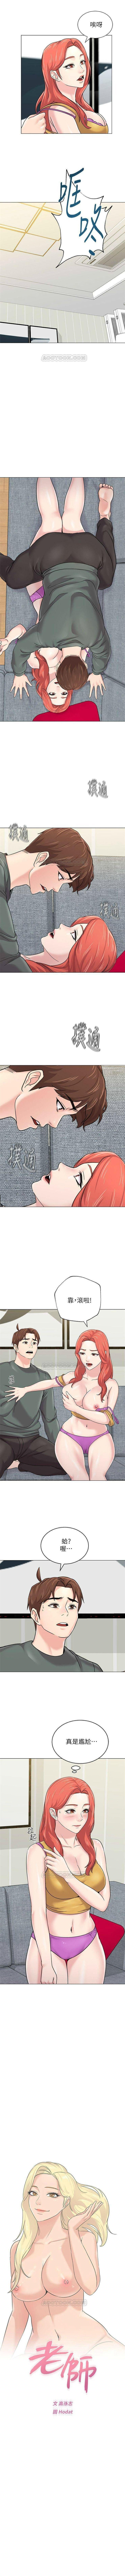 老師 1-80 官方中文(連載中) 401